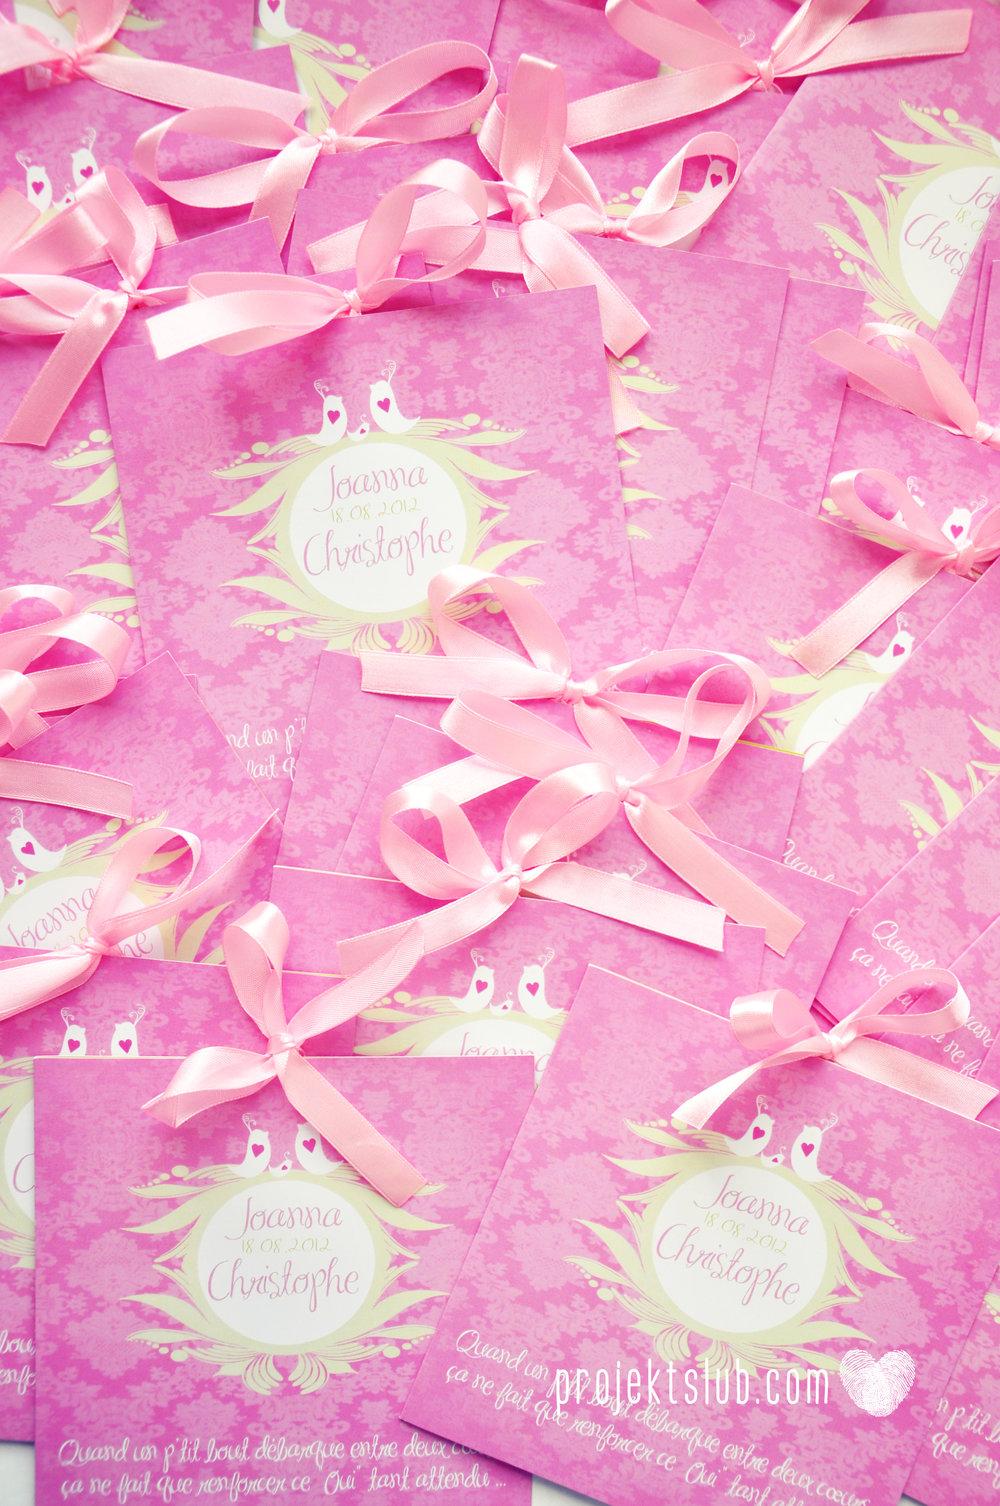 zaproszenia-ślubne-eleganckie-glamour-ptaszki-zaproszenia-dla-par-z-dzieckiem-różowy-róż-zielony-zaproszenia-projekt-ślub  (16).JPG